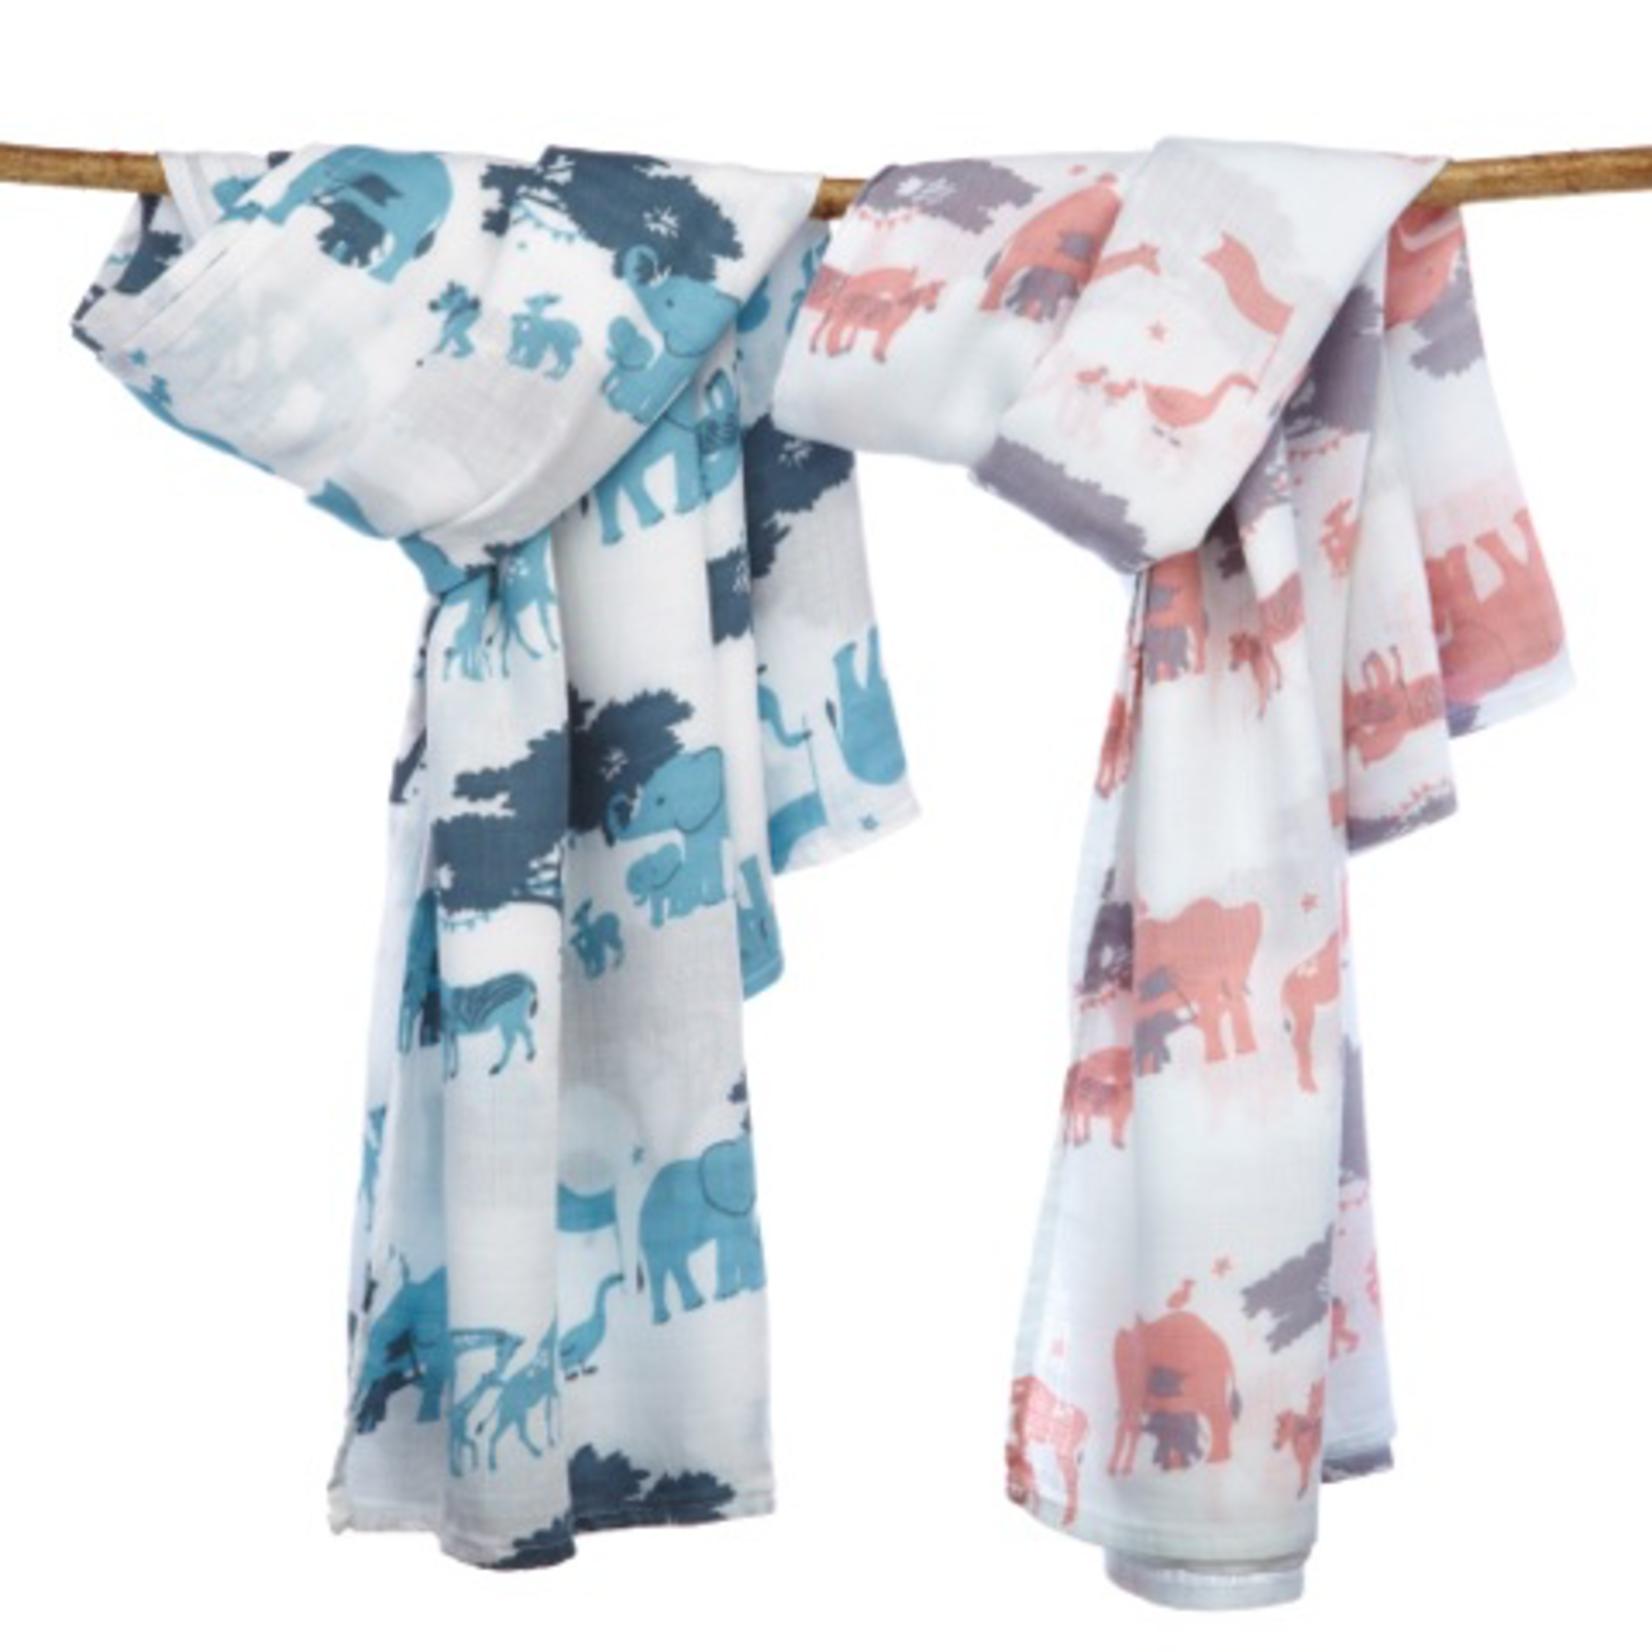 Berties Blankets Berties Blankets - swaddle Blanket cloth - pink